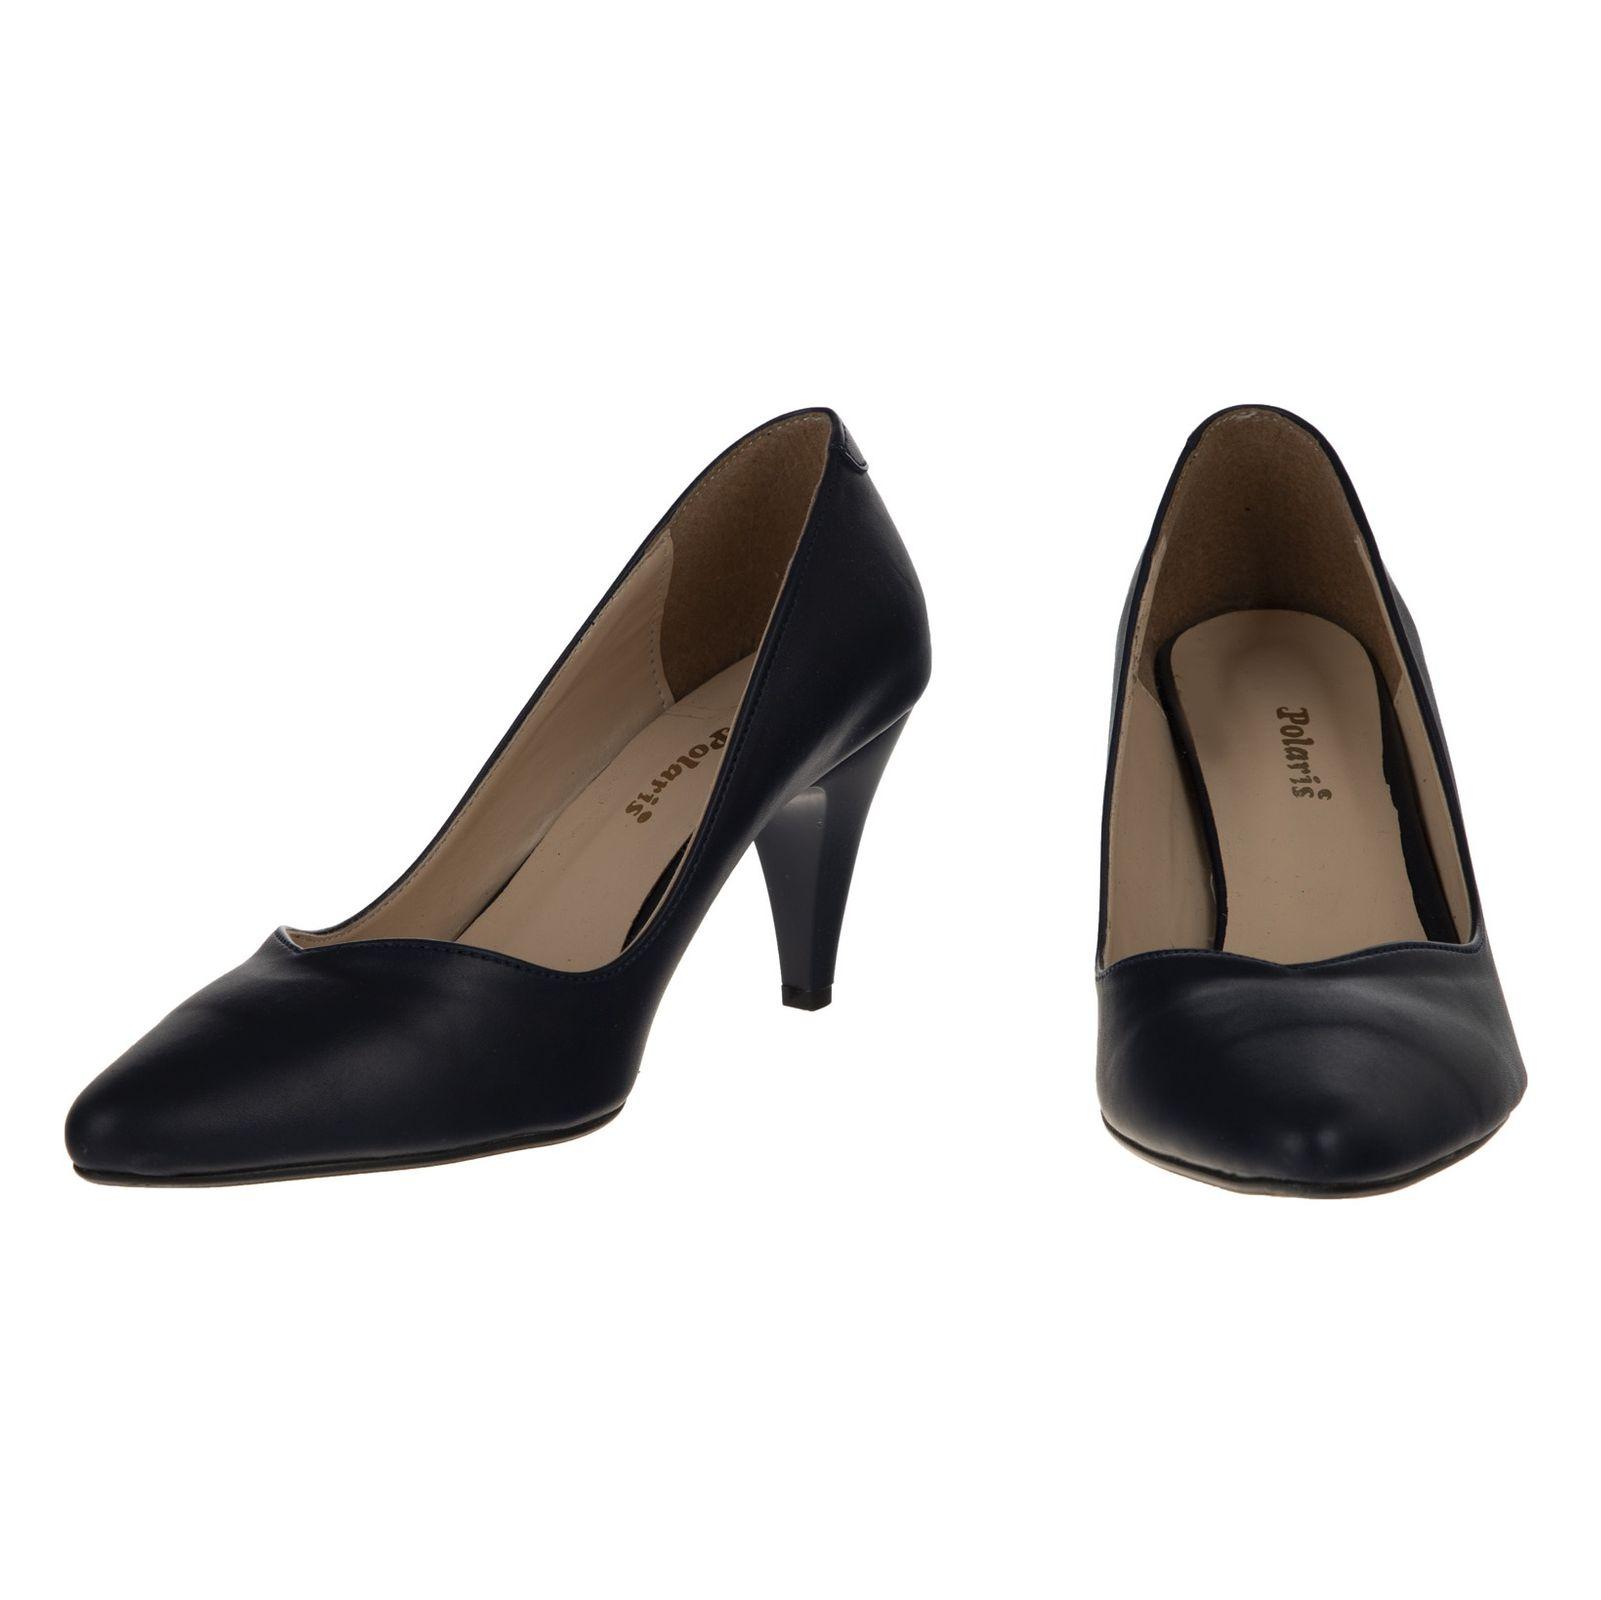 کفش زنانه پولاریس مدل 100294709-113 main 1 5